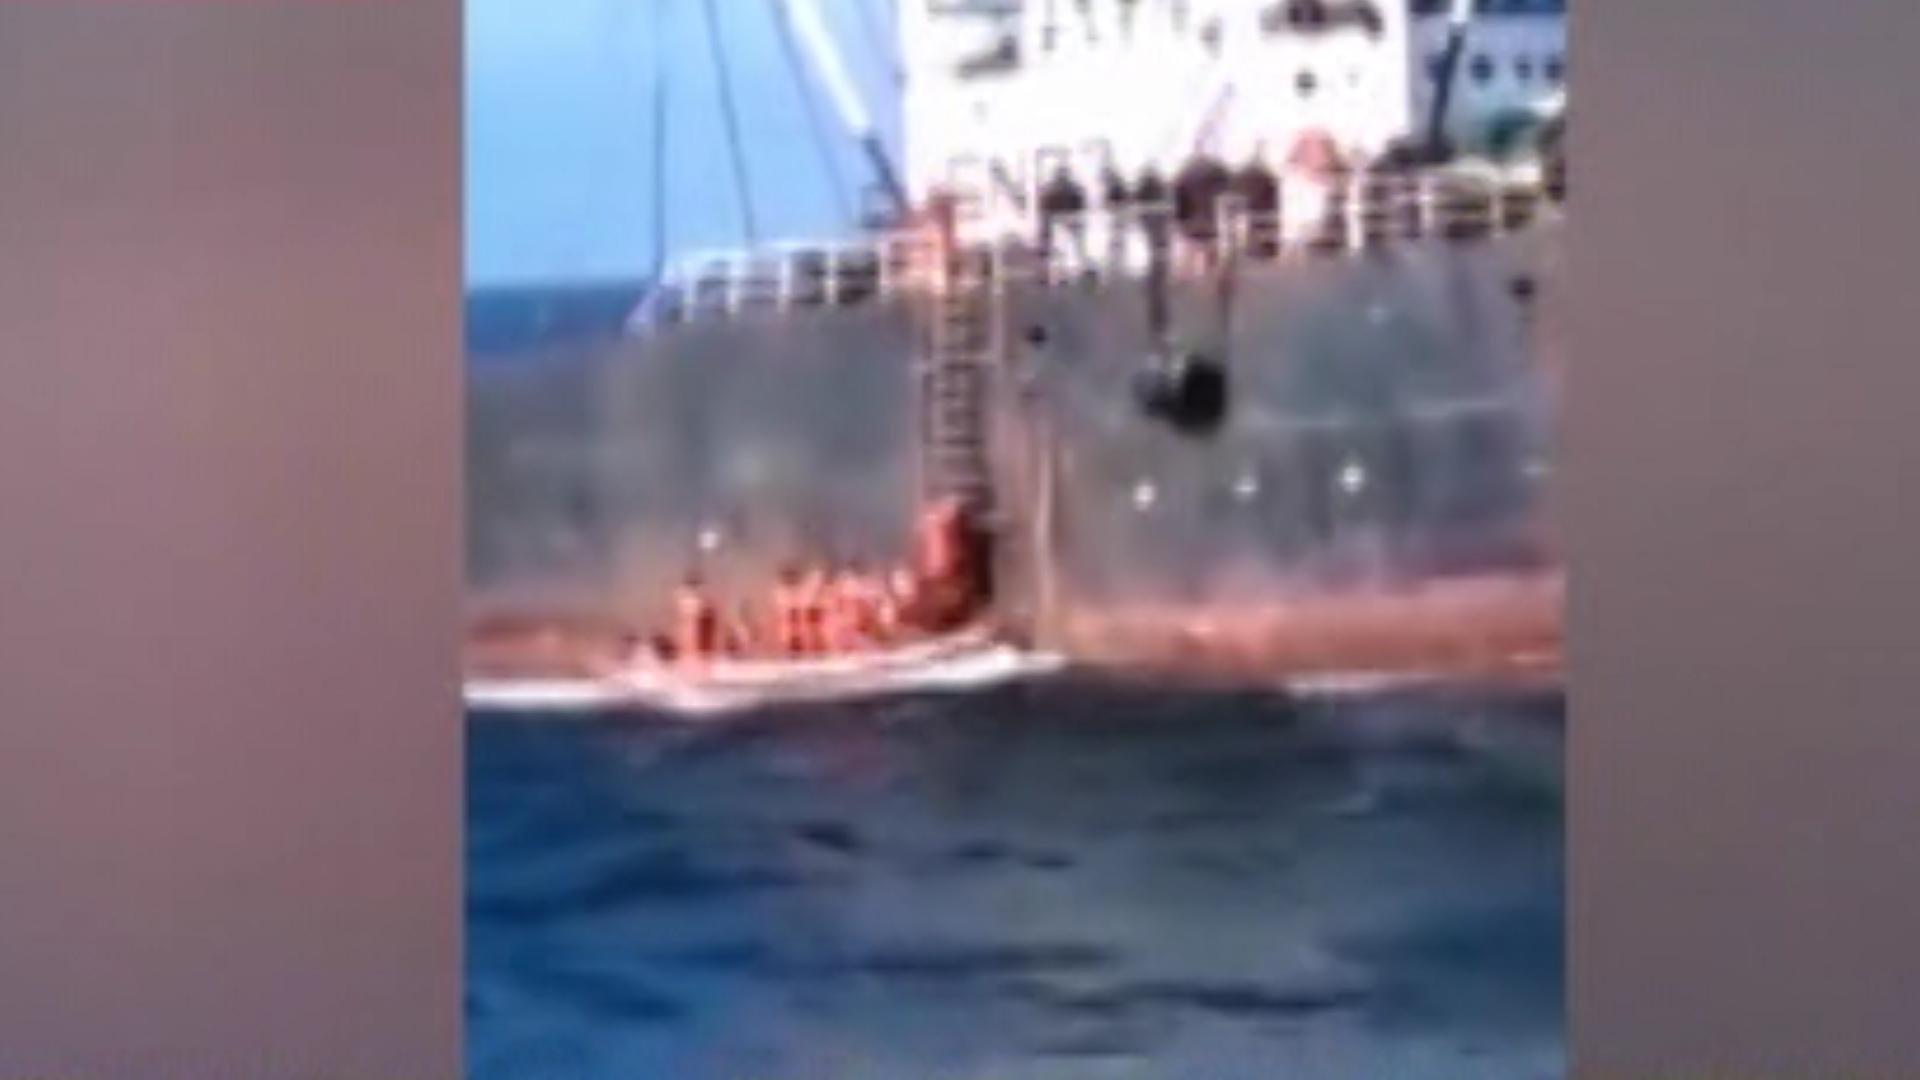 El 8 de febrero, en Comodoro Rivadavia capturaron un buque coreano